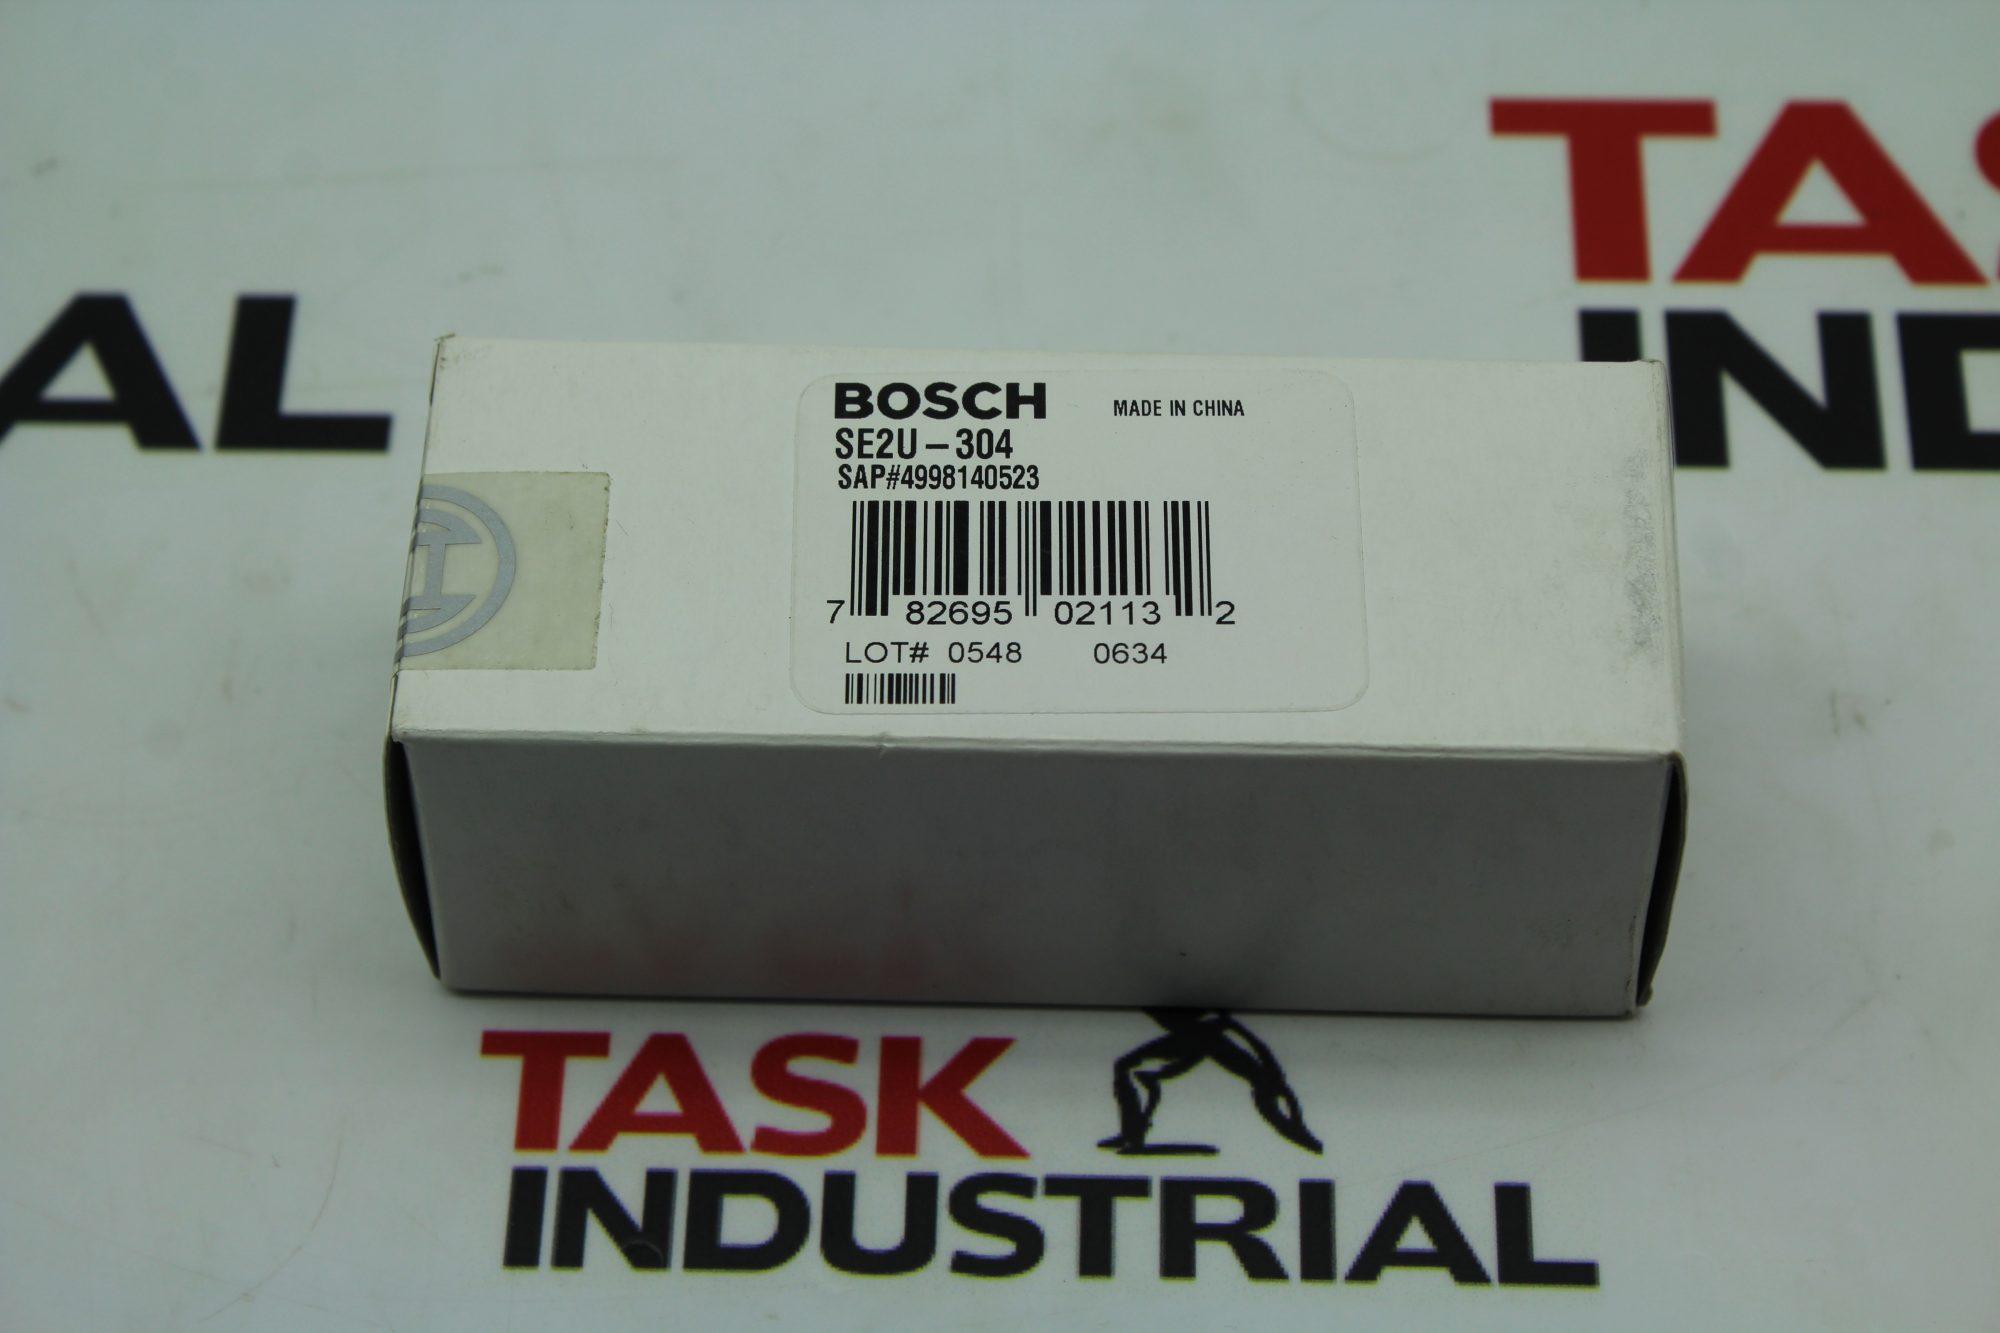 Bosch SE2U-304 Personnel Transmitters